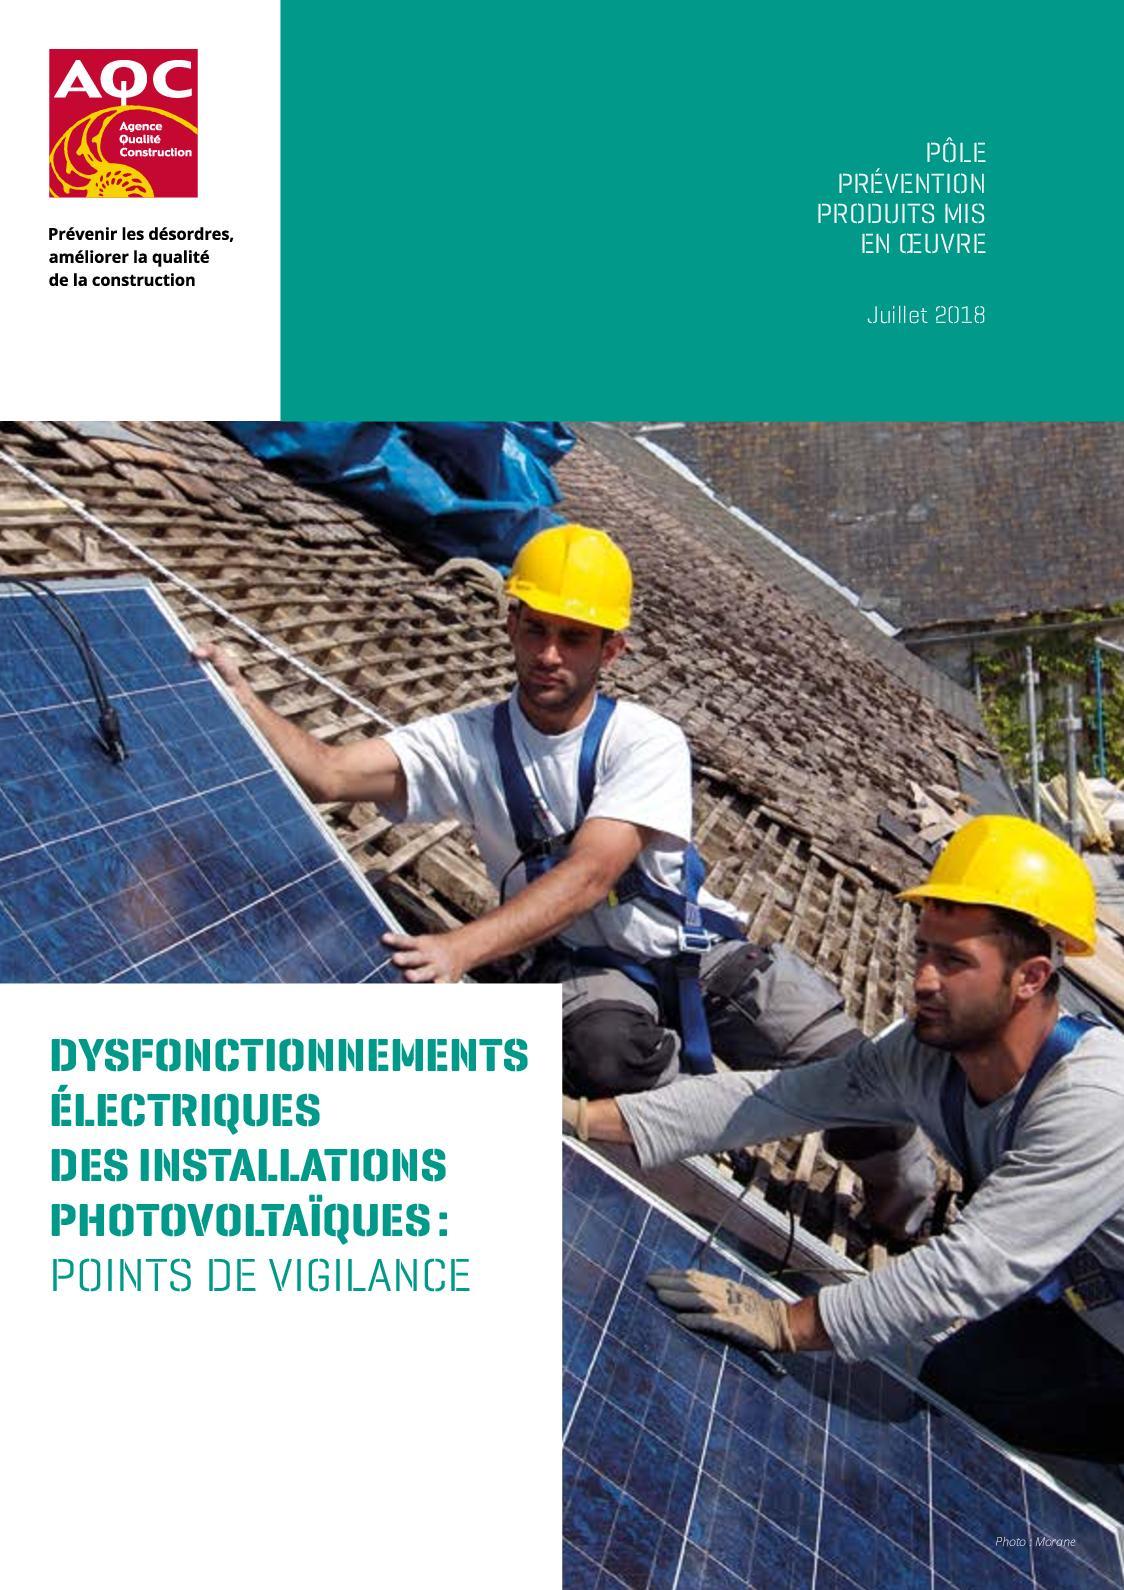 E Dysfonctionnements Électriques Installations Photovoltaïques Vigilance Pdf 0